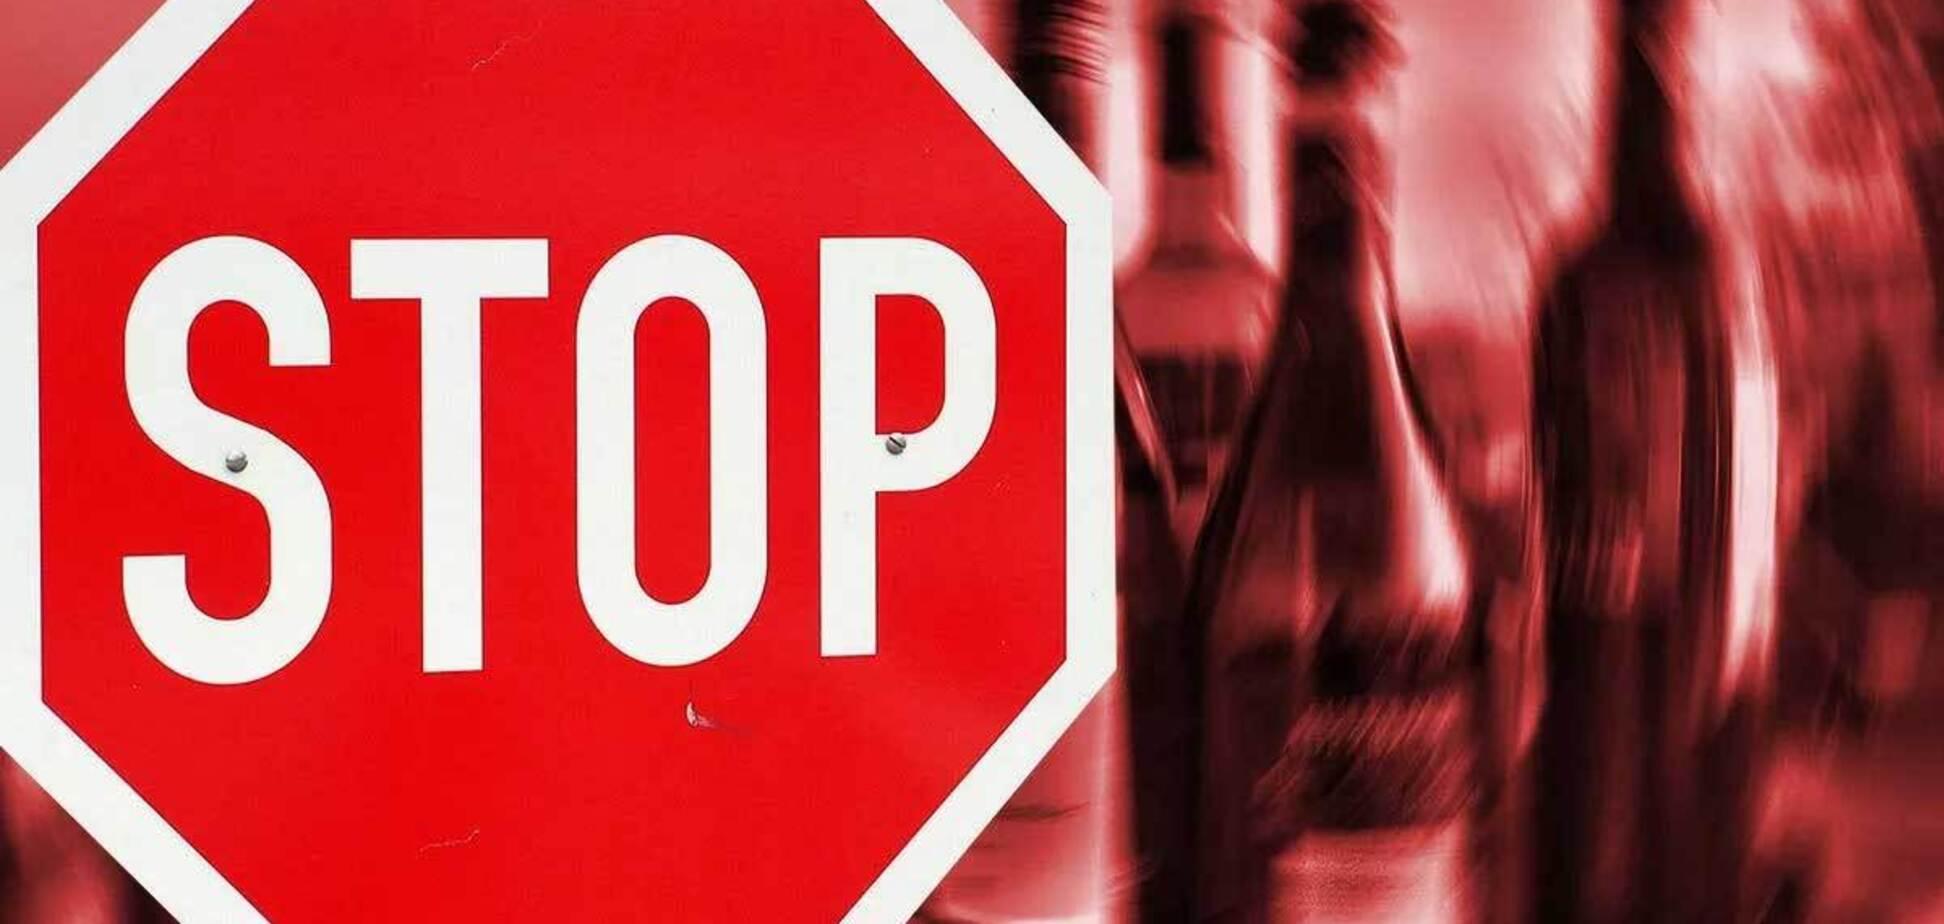 В Украине проходит конференция по предотвращению алко- и наркозависимости: онлайн-трансляция